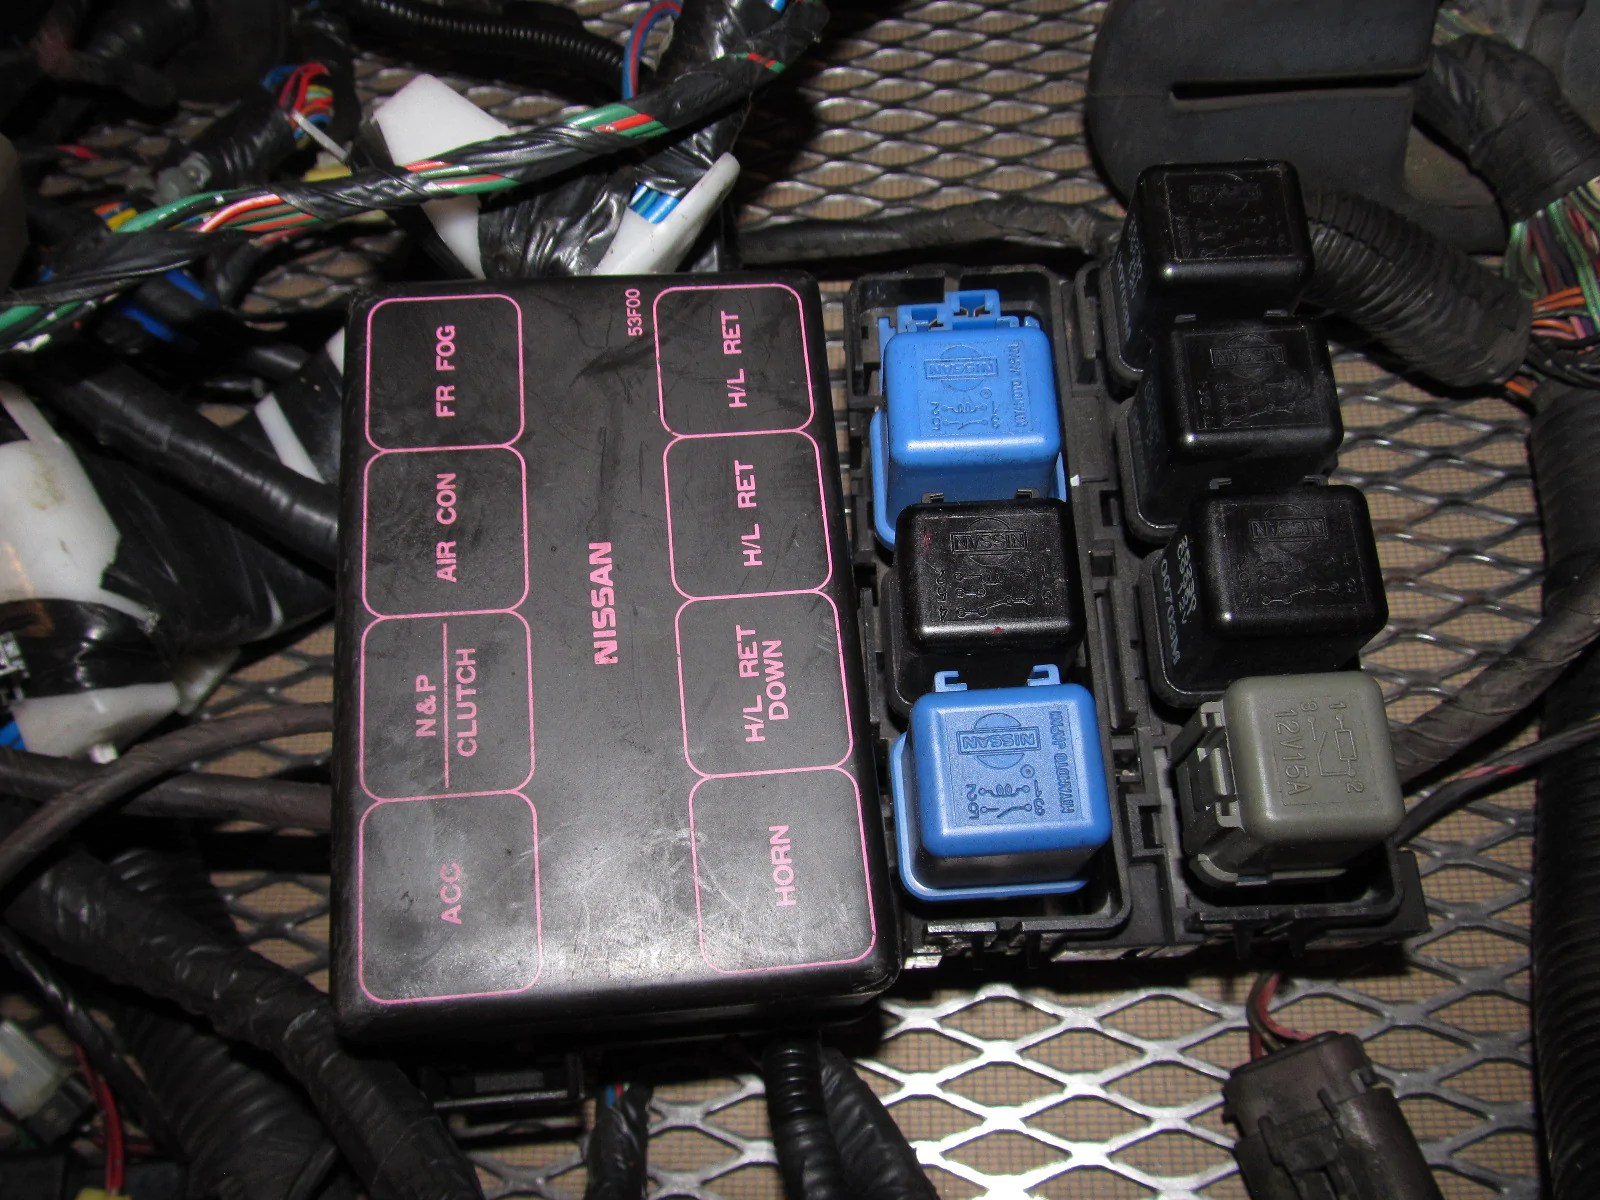 medium resolution of 240sx fuse box diagram wiring diagram data today91 240sx fuse box wiring diagram wiring diagram featured